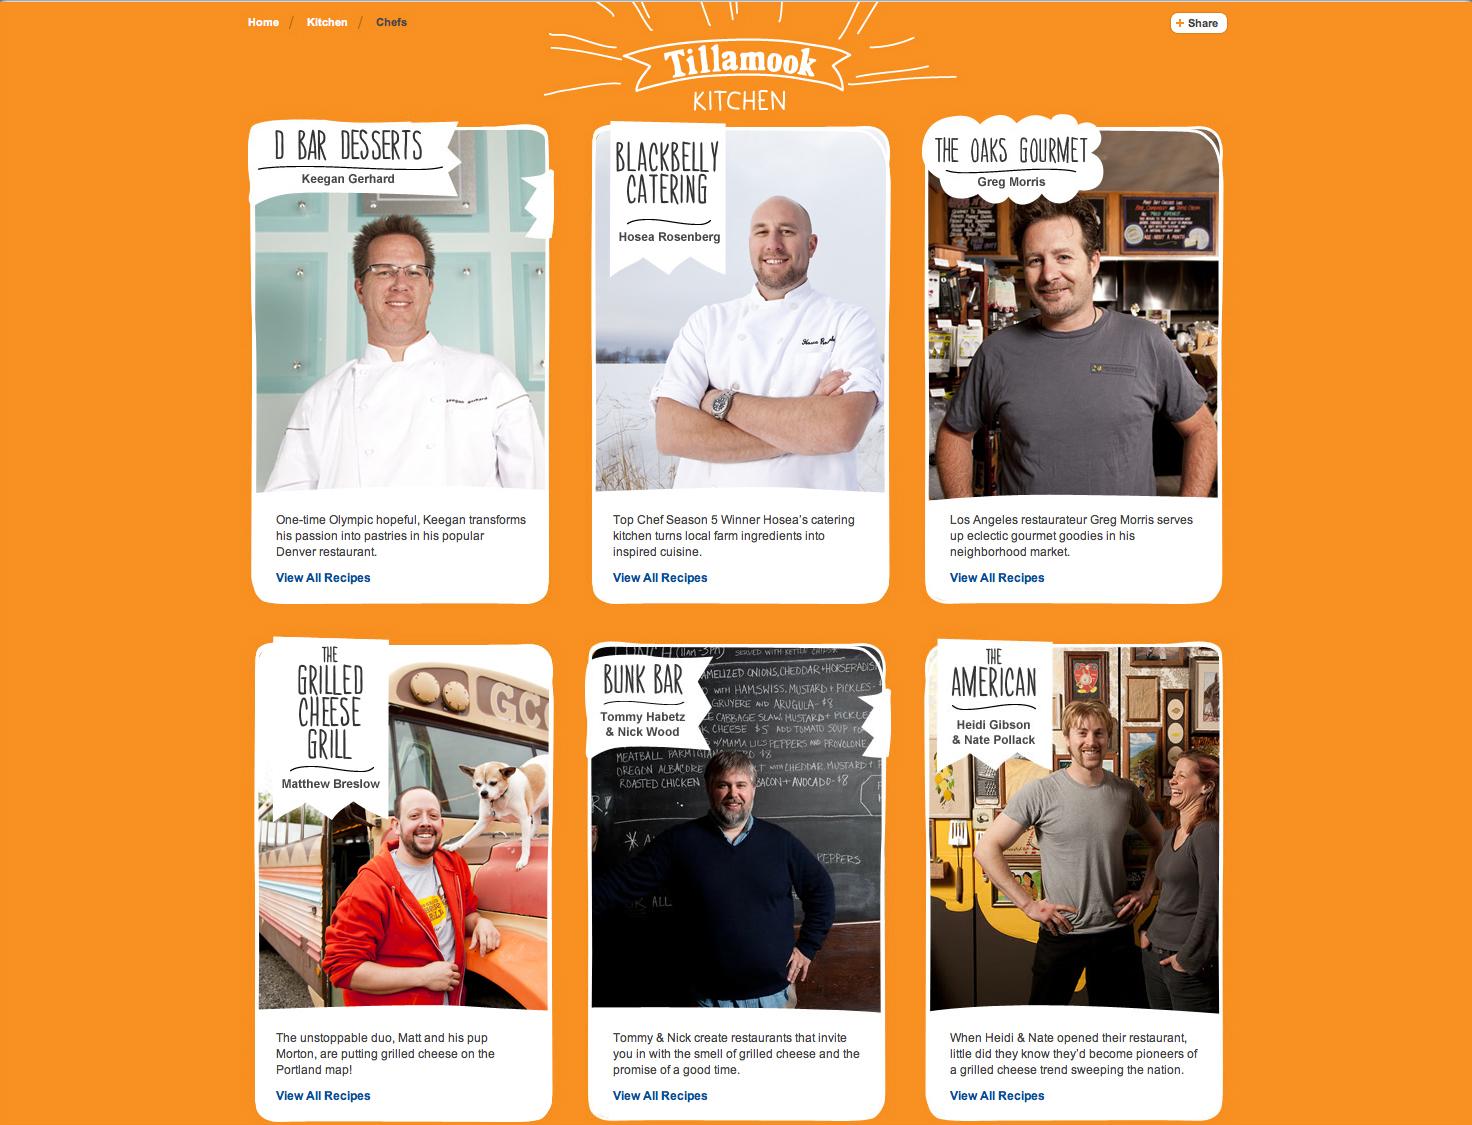 tillamook_kitchen2.jpg